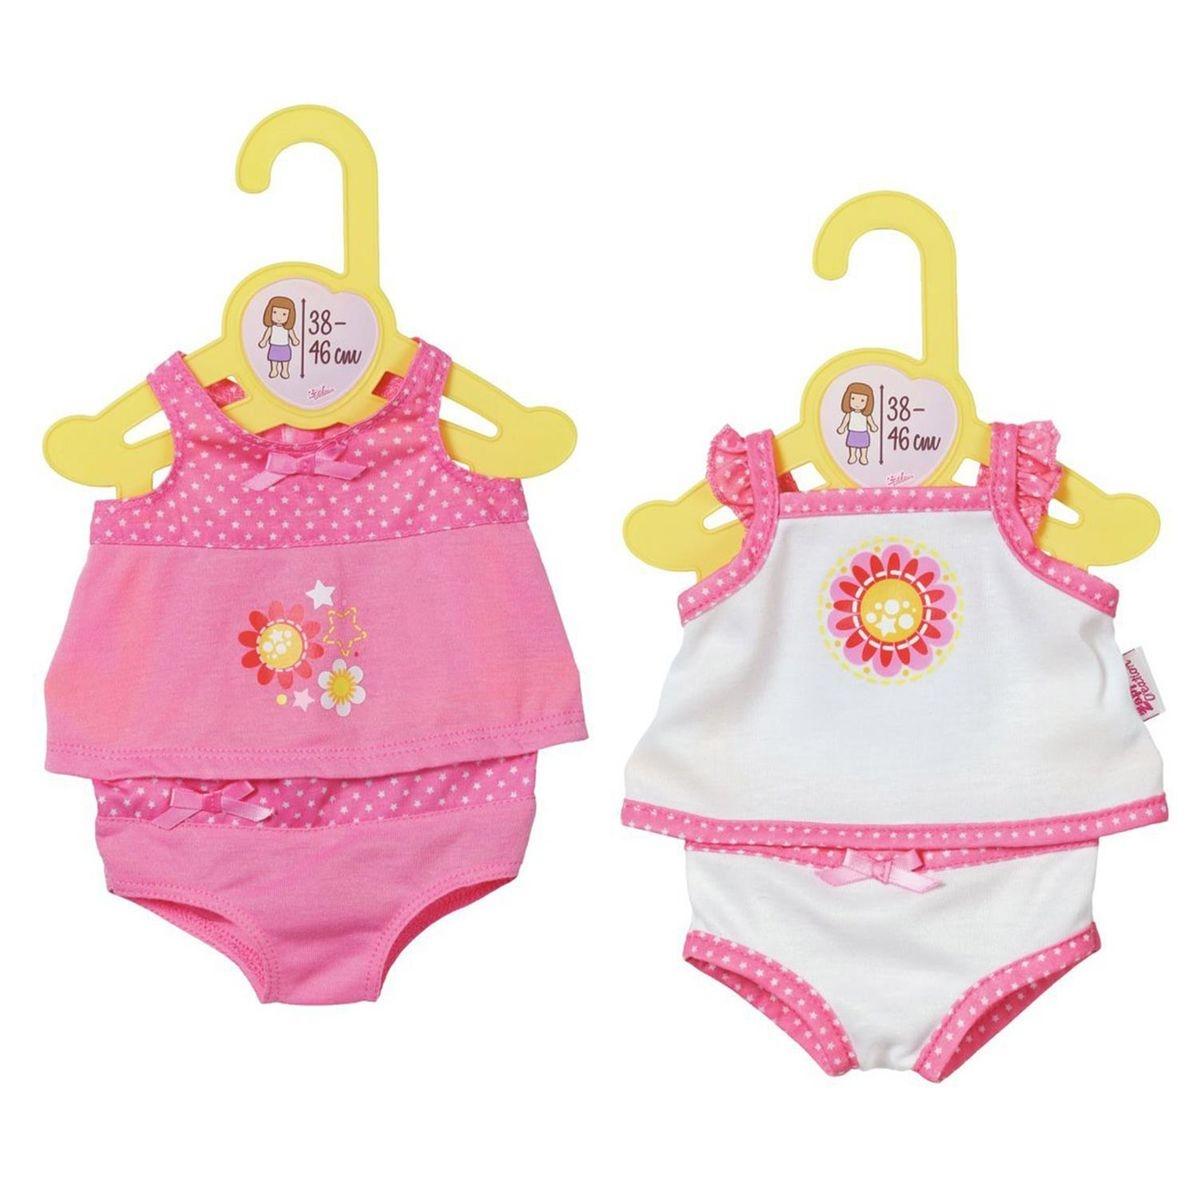 Dolly Moda sous-vêtements pour poupon de 38 à 46 cm - 1 pc